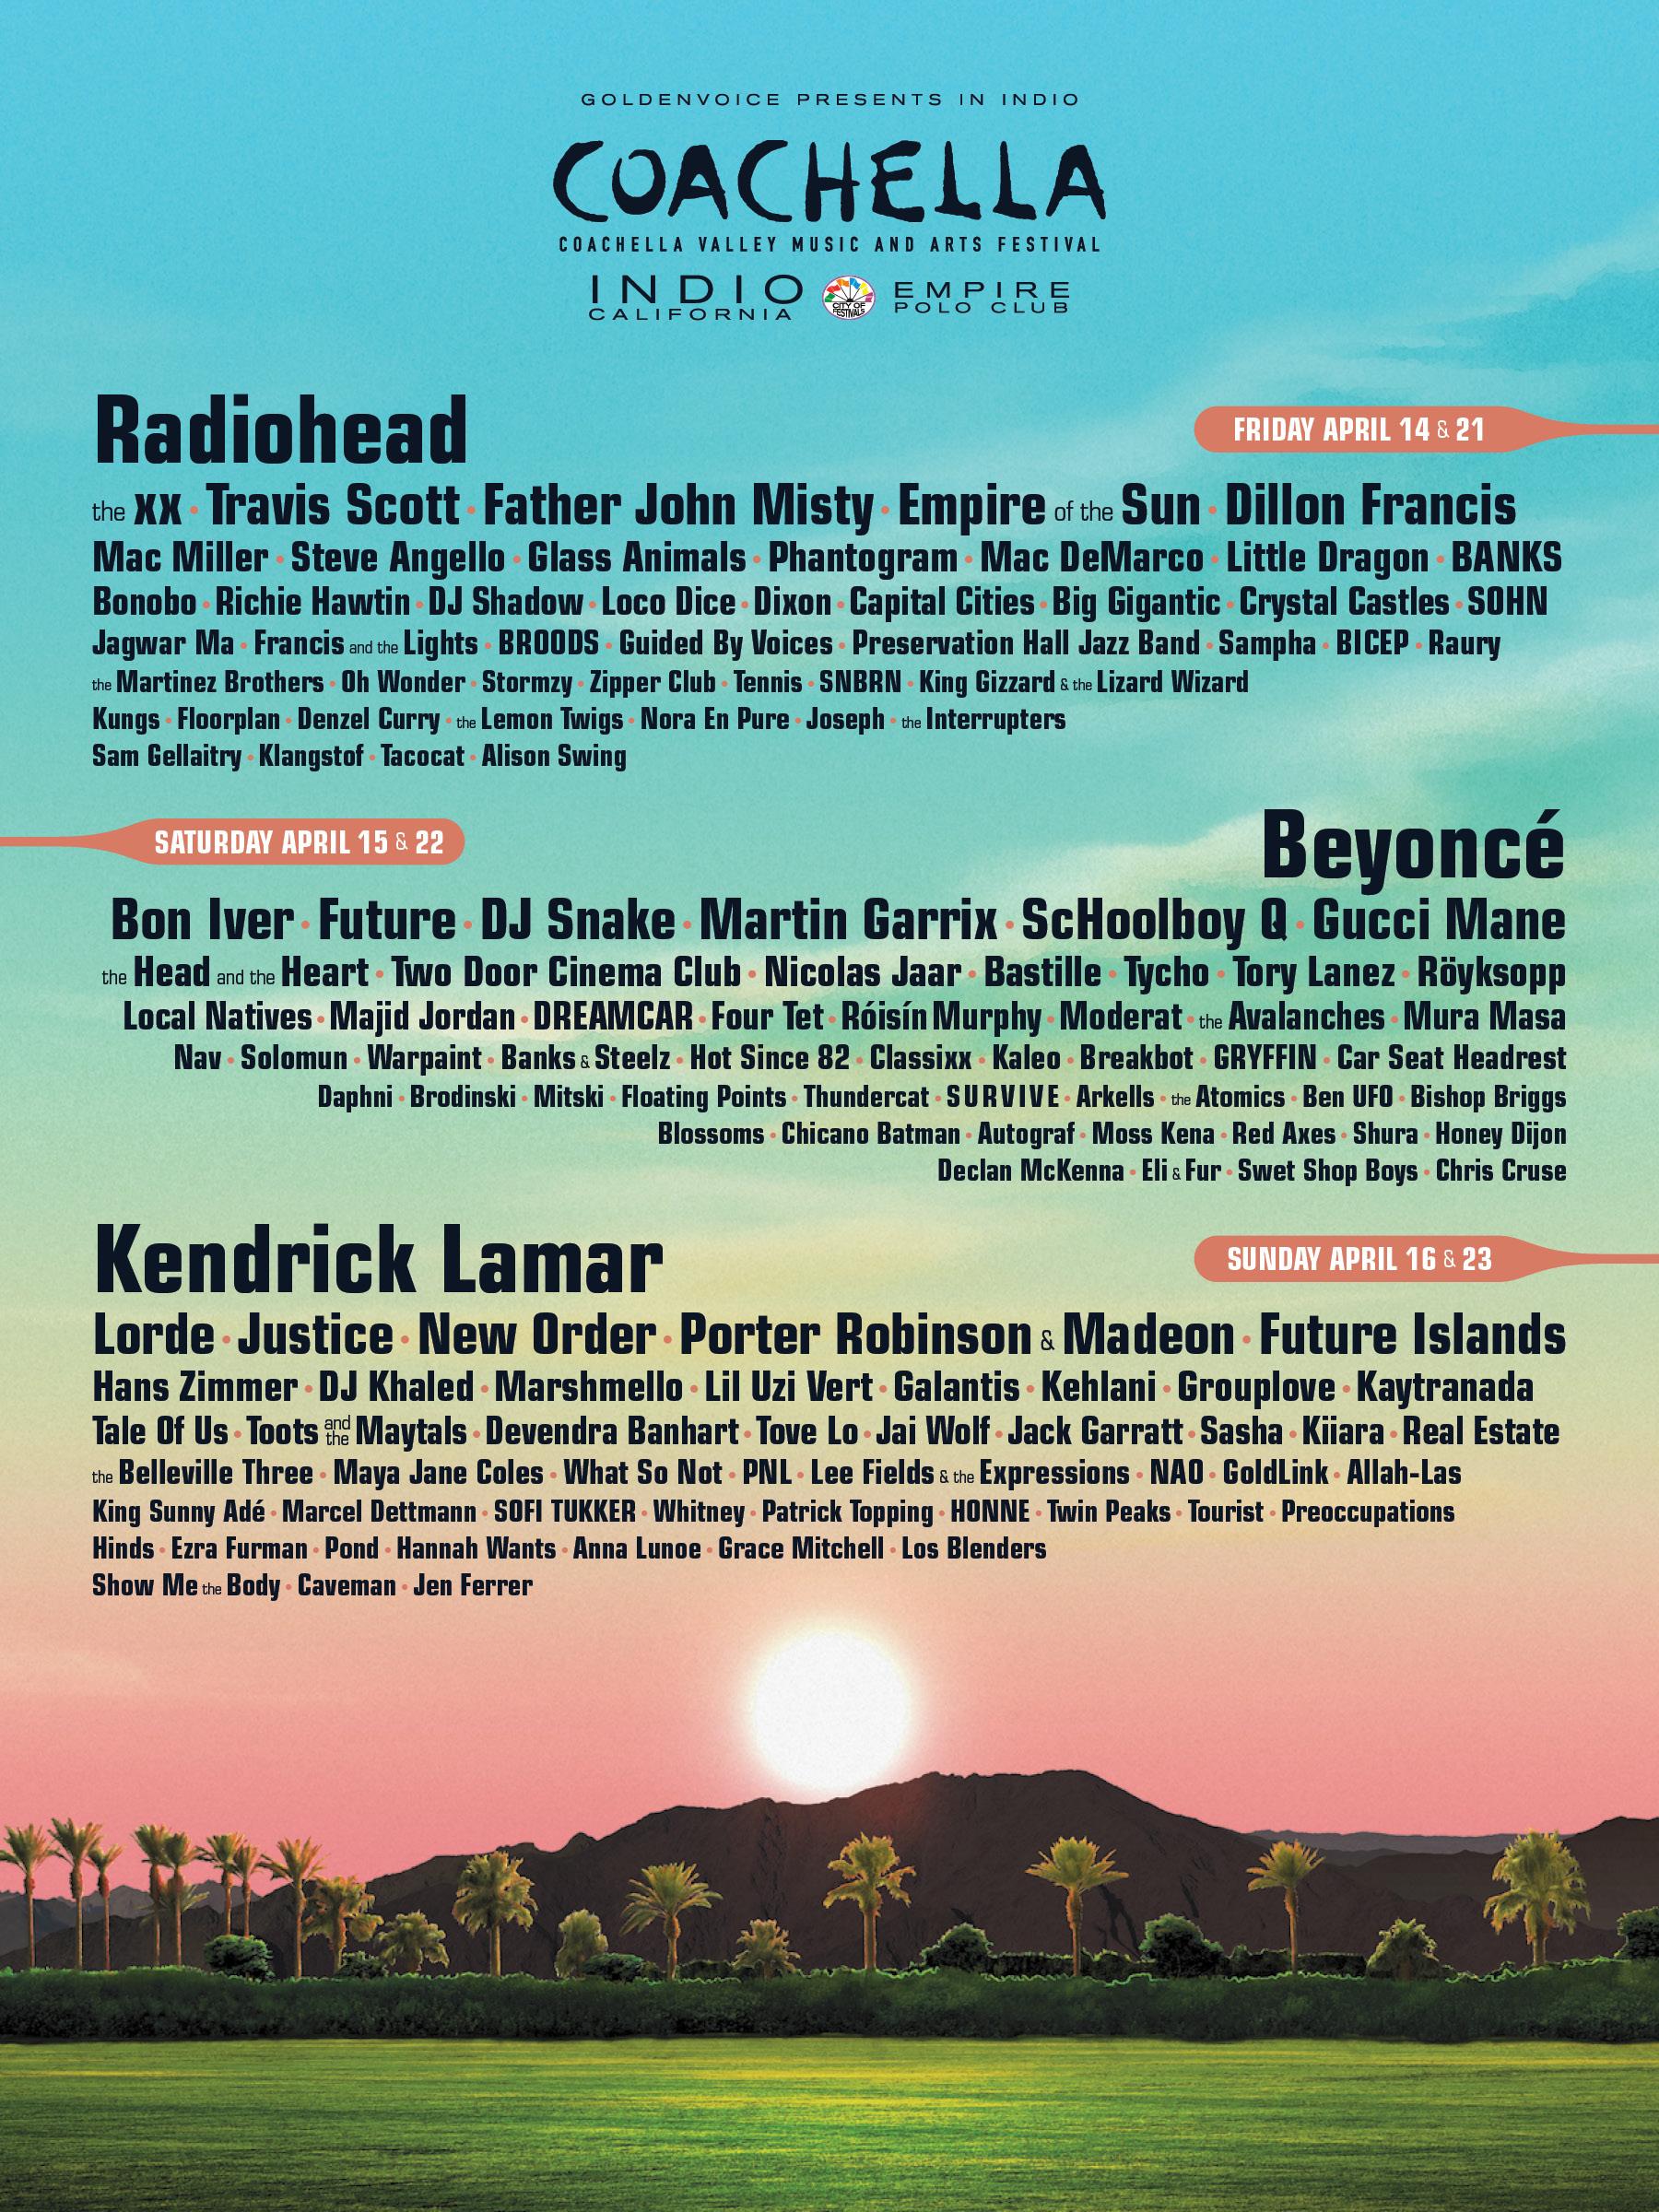 Das gesamte Line-up des Coachella-Festivals 2017